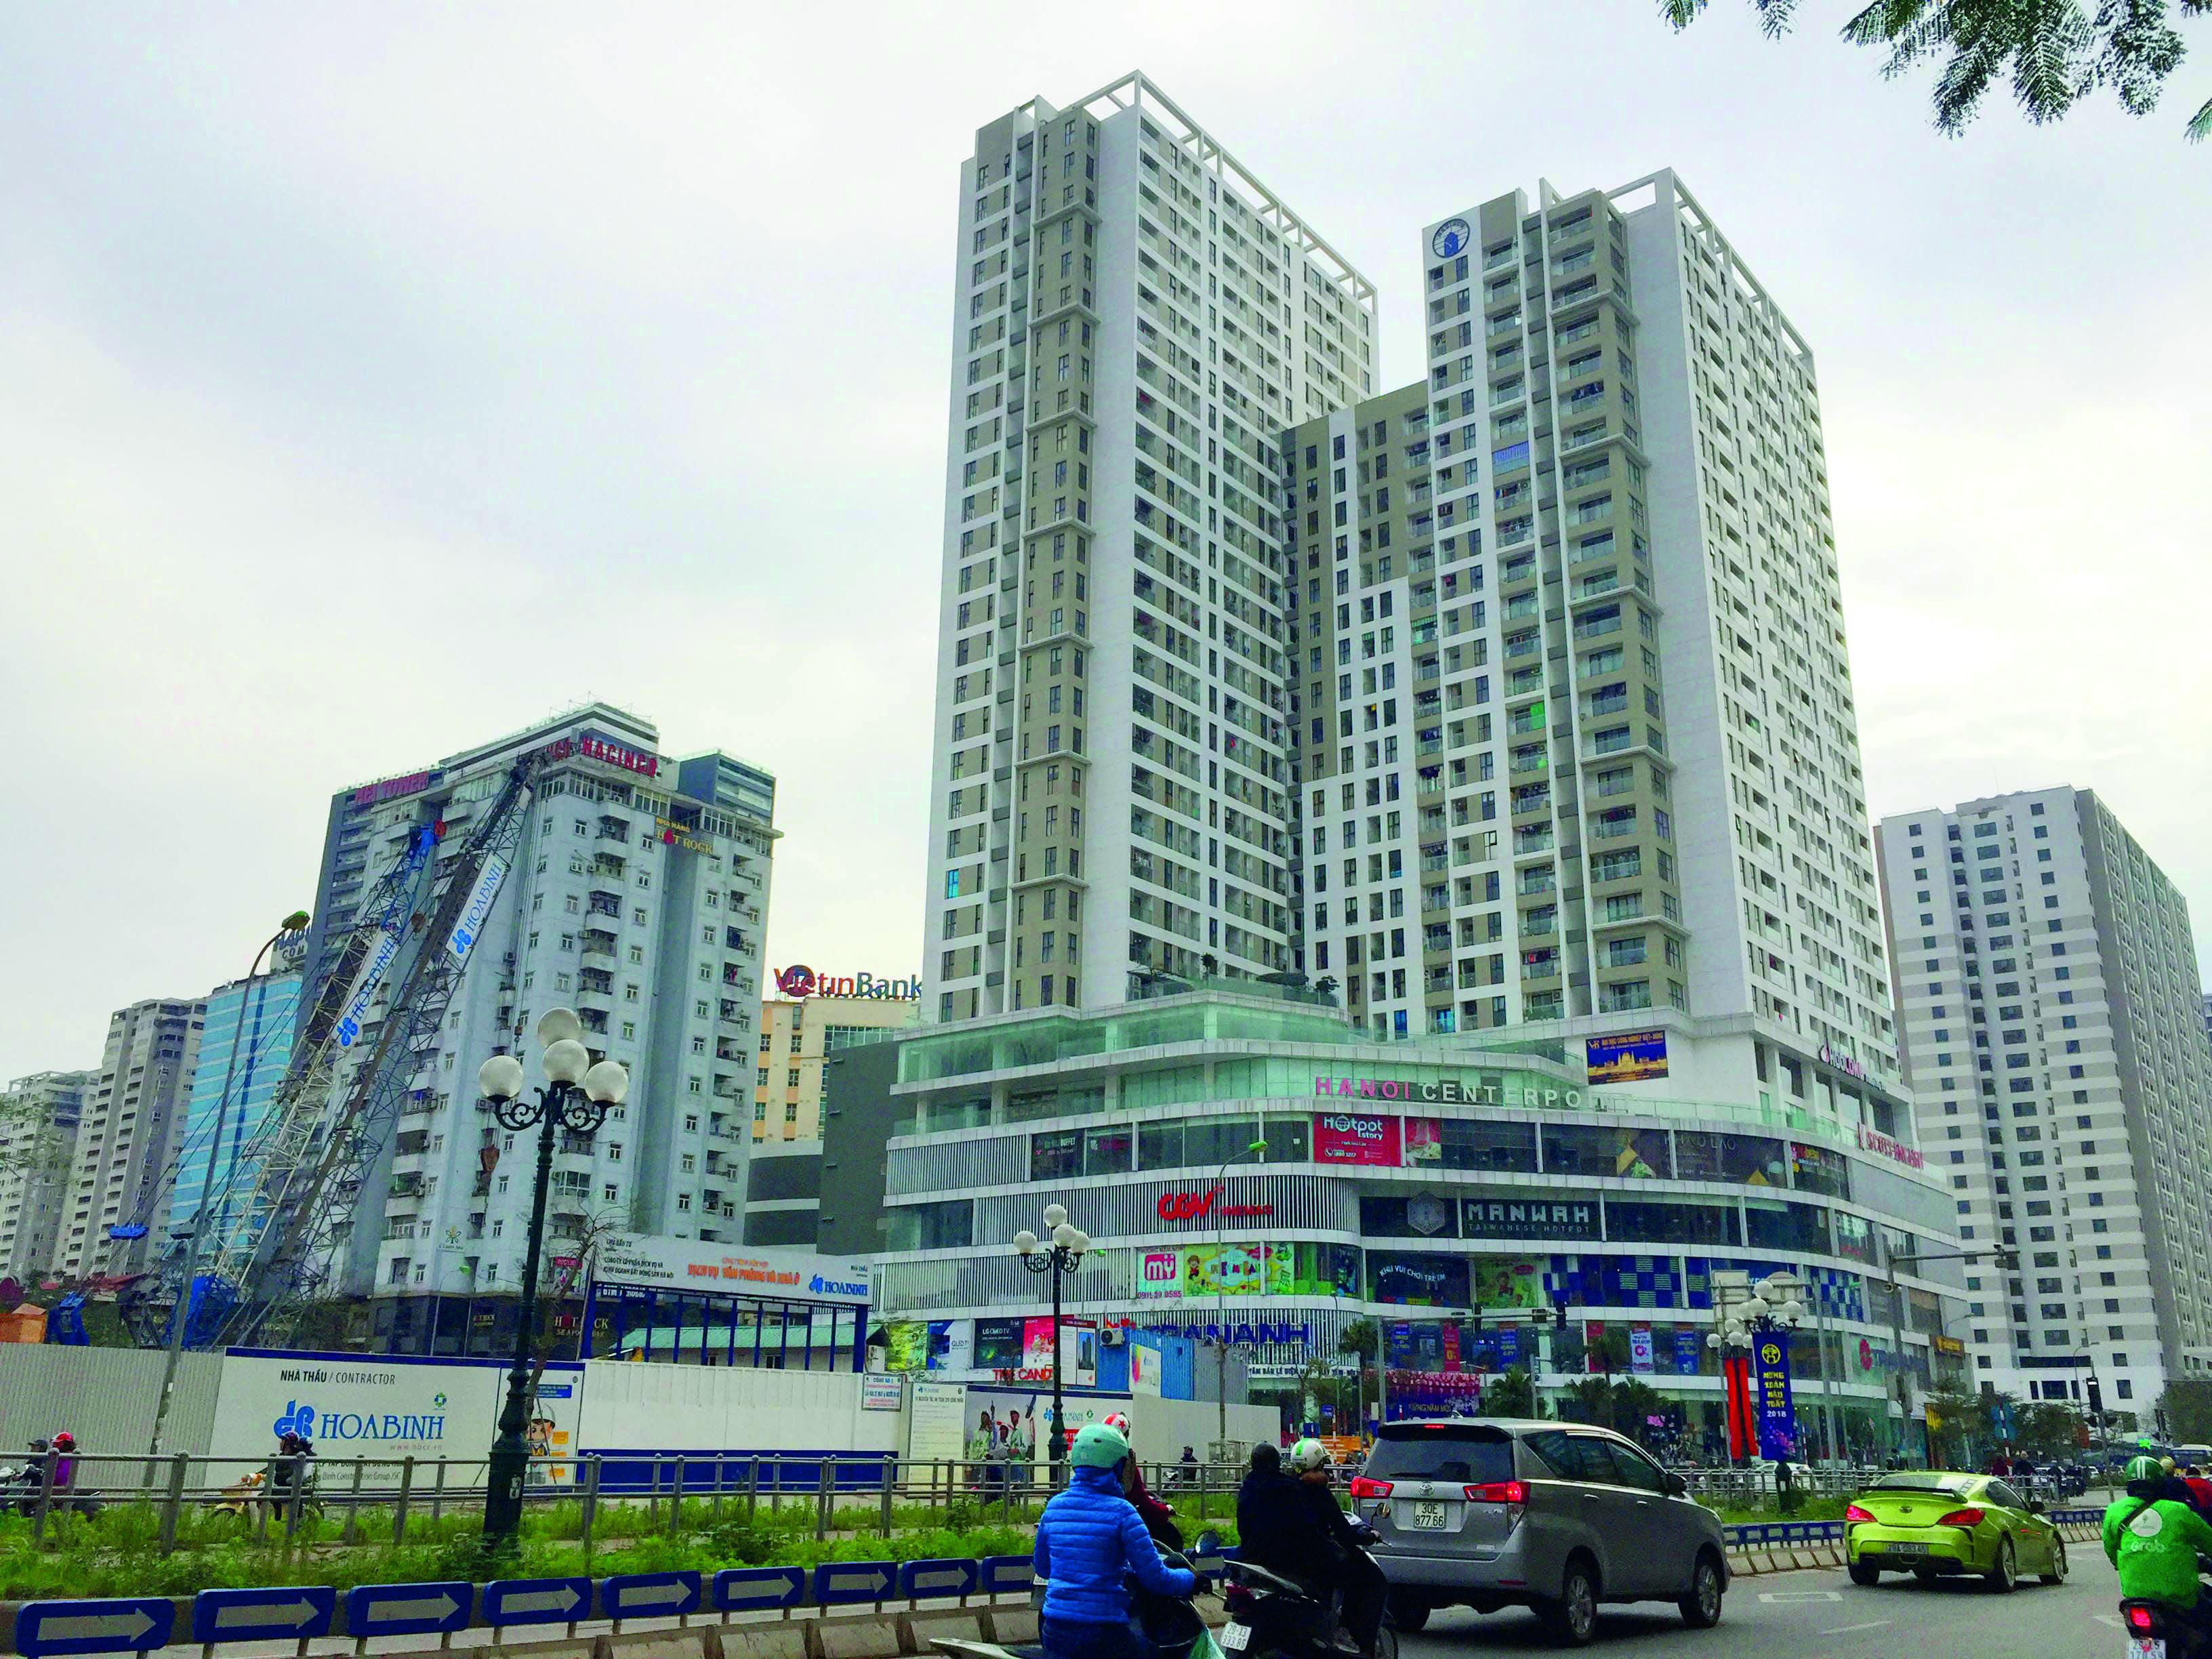 Hanoï : la modernisation rapide du commerce dans une ville en transition